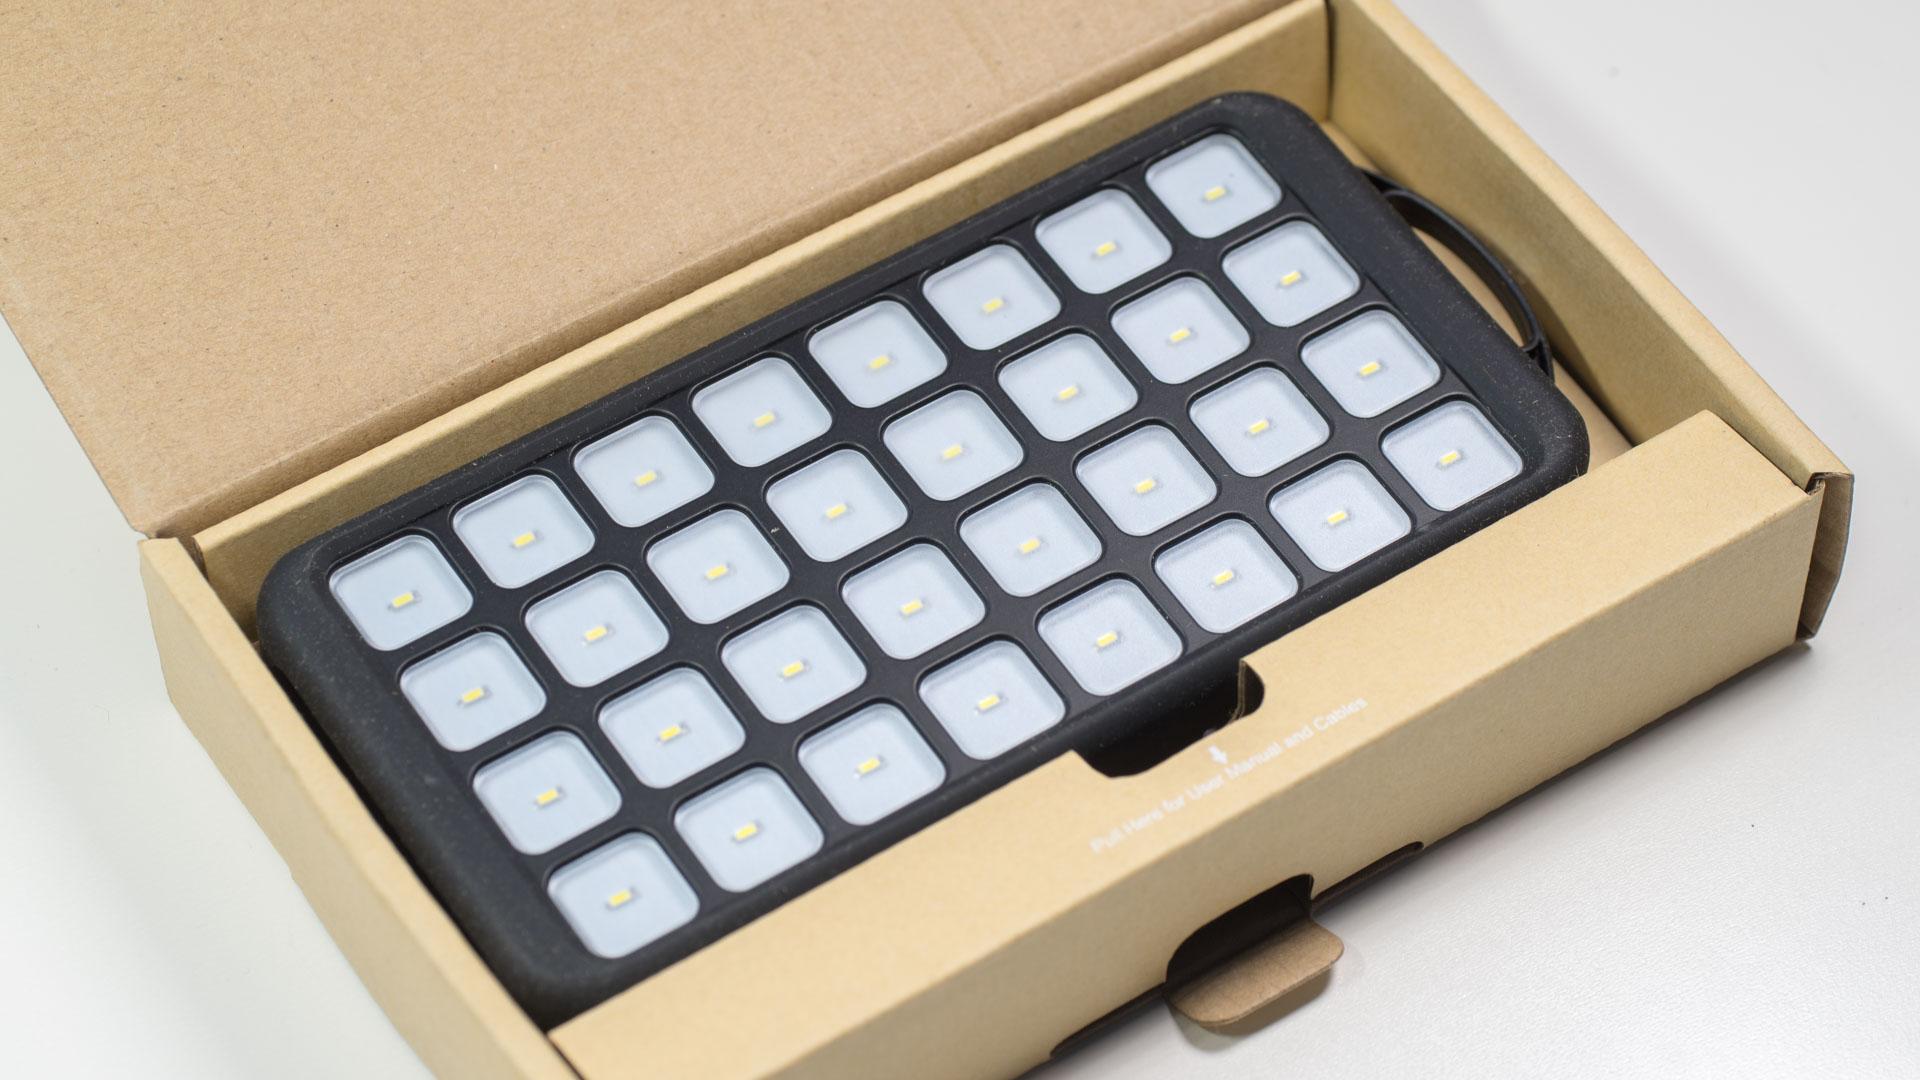 gute solar powerbank von easyacc im test die easyacc. Black Bedroom Furniture Sets. Home Design Ideas